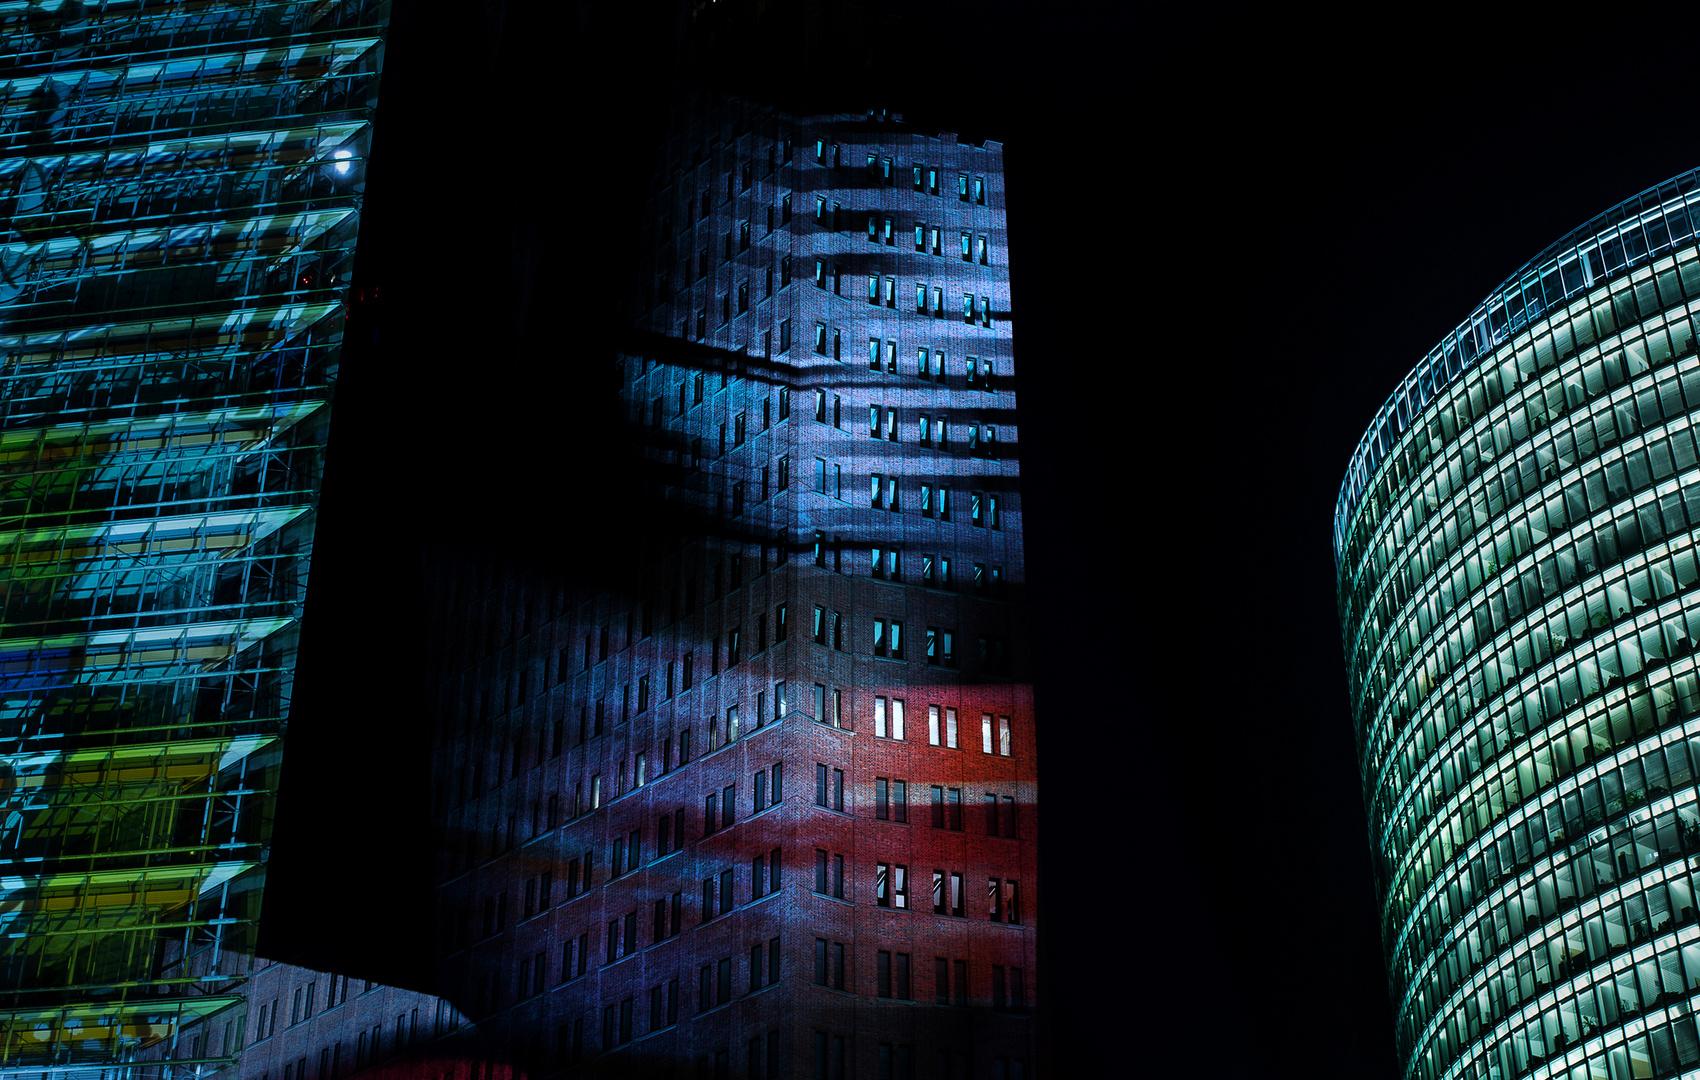 Festival of Lights - 2013